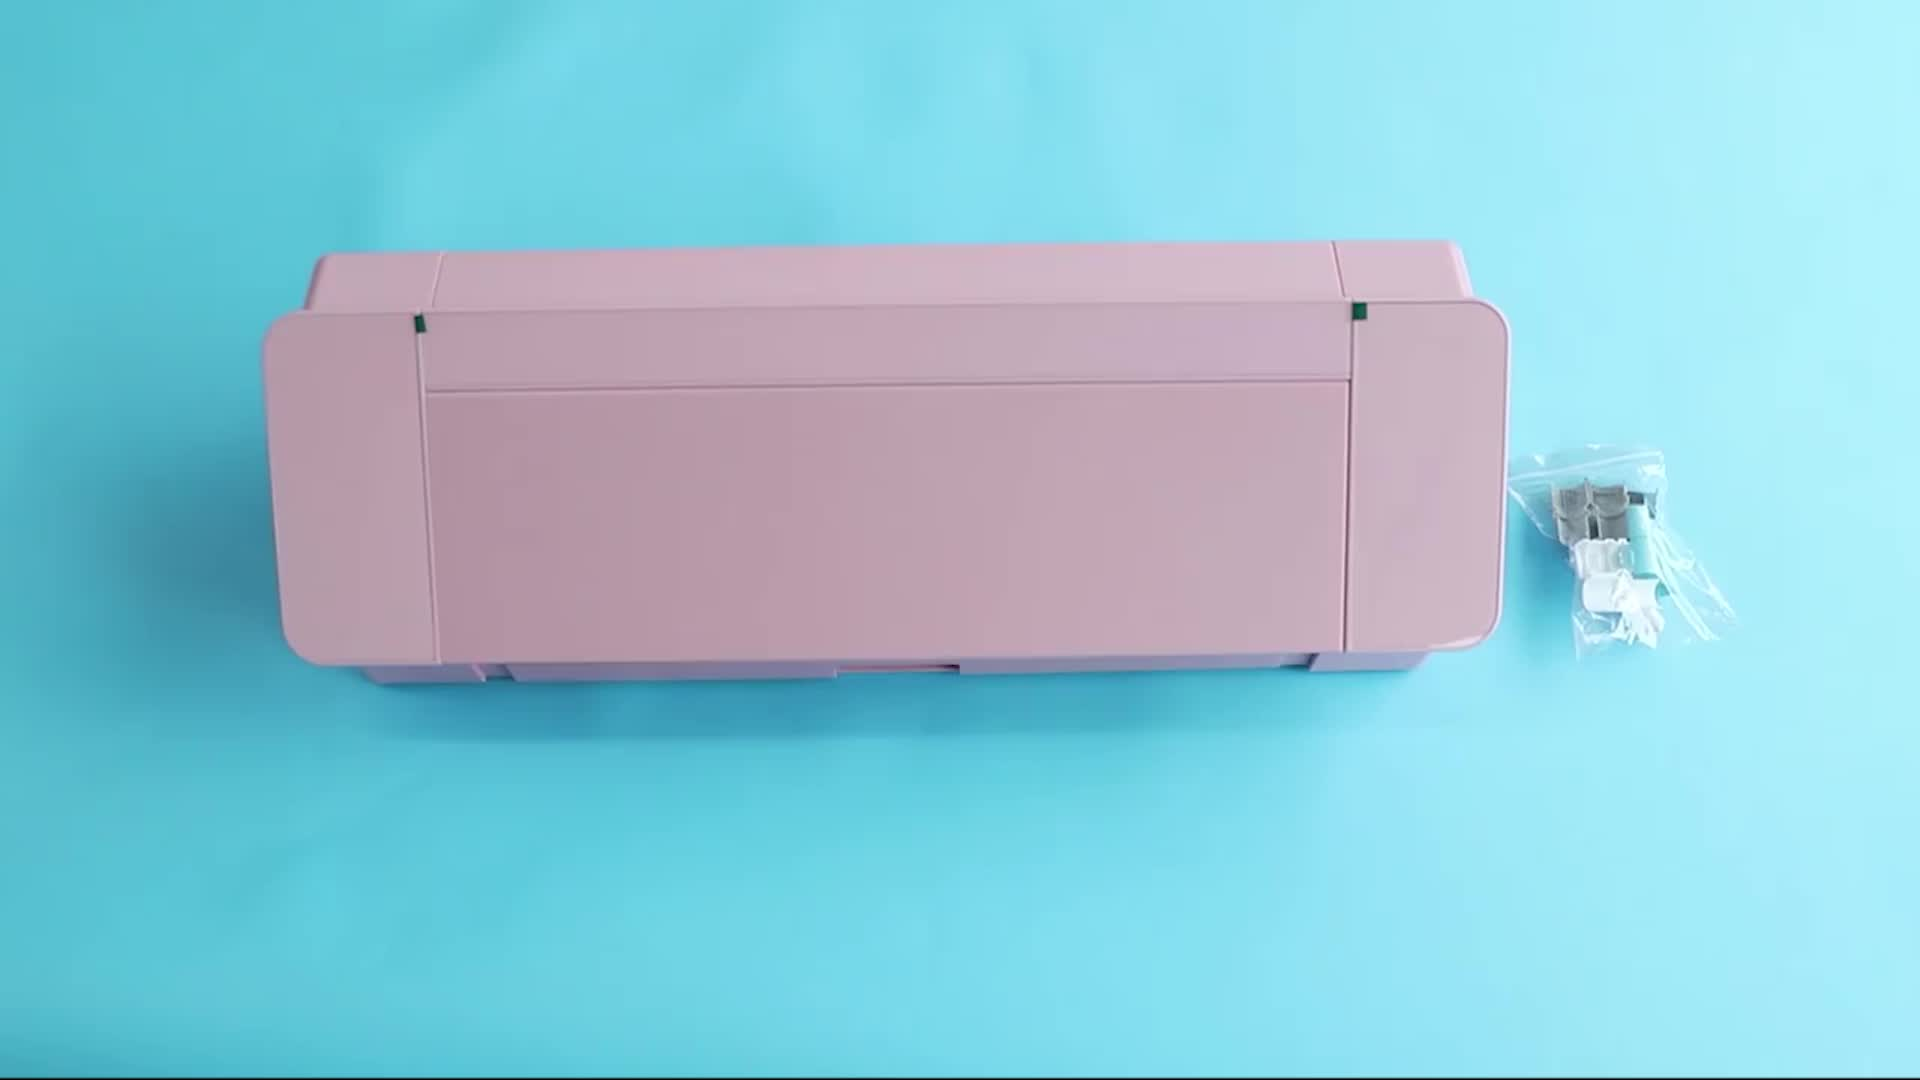 Thương Hiệu-New Silhouette Cameo 4 Máy Tính Để Bàn Cắt Vinyl Cắt Decal Cho Mẫu Bán Buôn